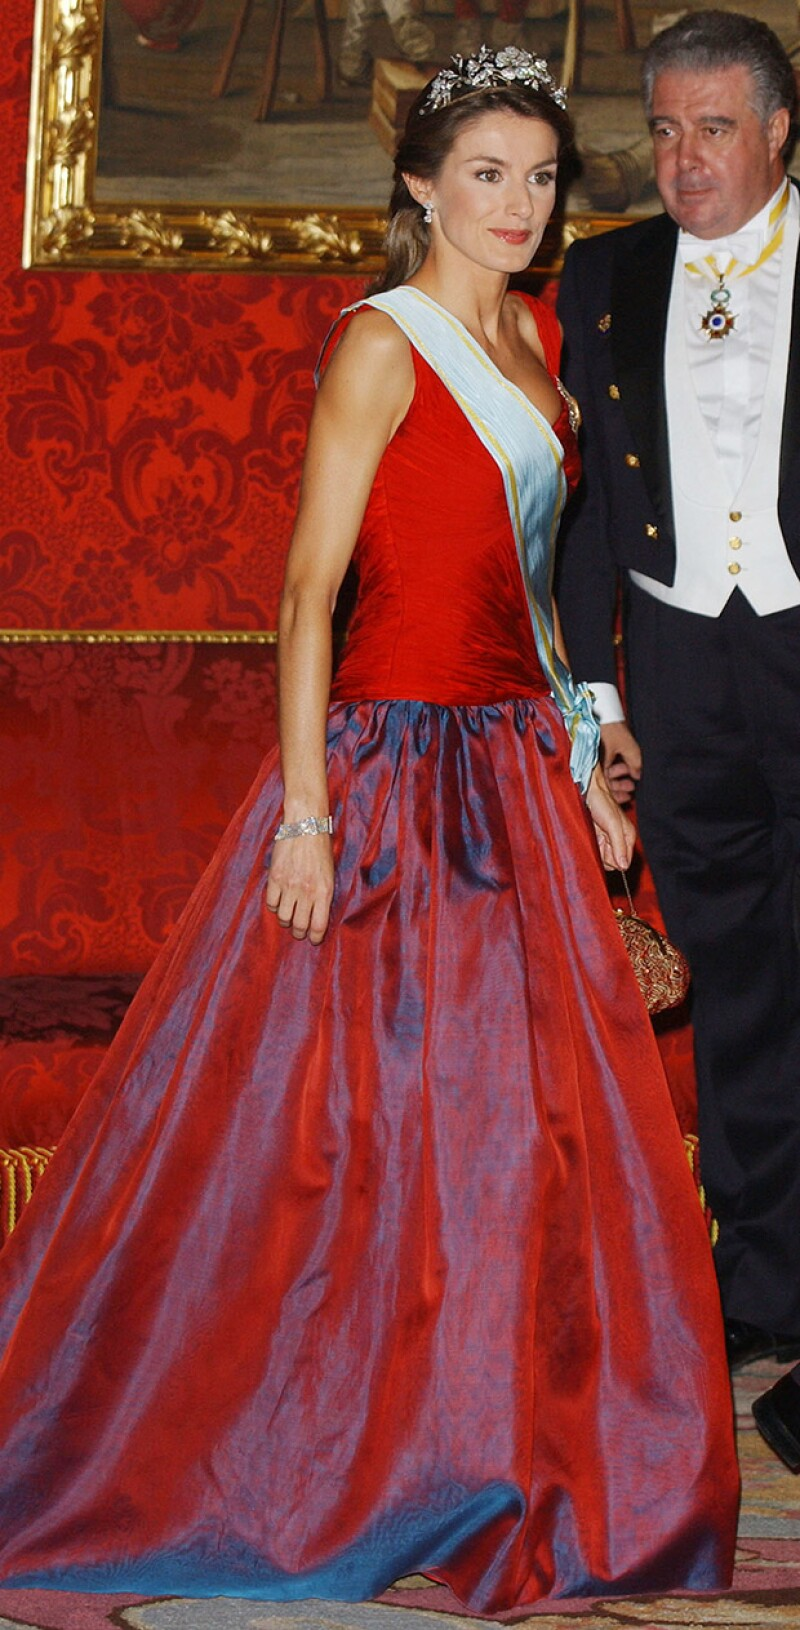 Esta semana Kate Middleton desconcertó con un estilo muy distinto al que nos tiene acostumbrados. Sin embargo, no es la única royal que ha fallado en su look, mira estos ejemplos.